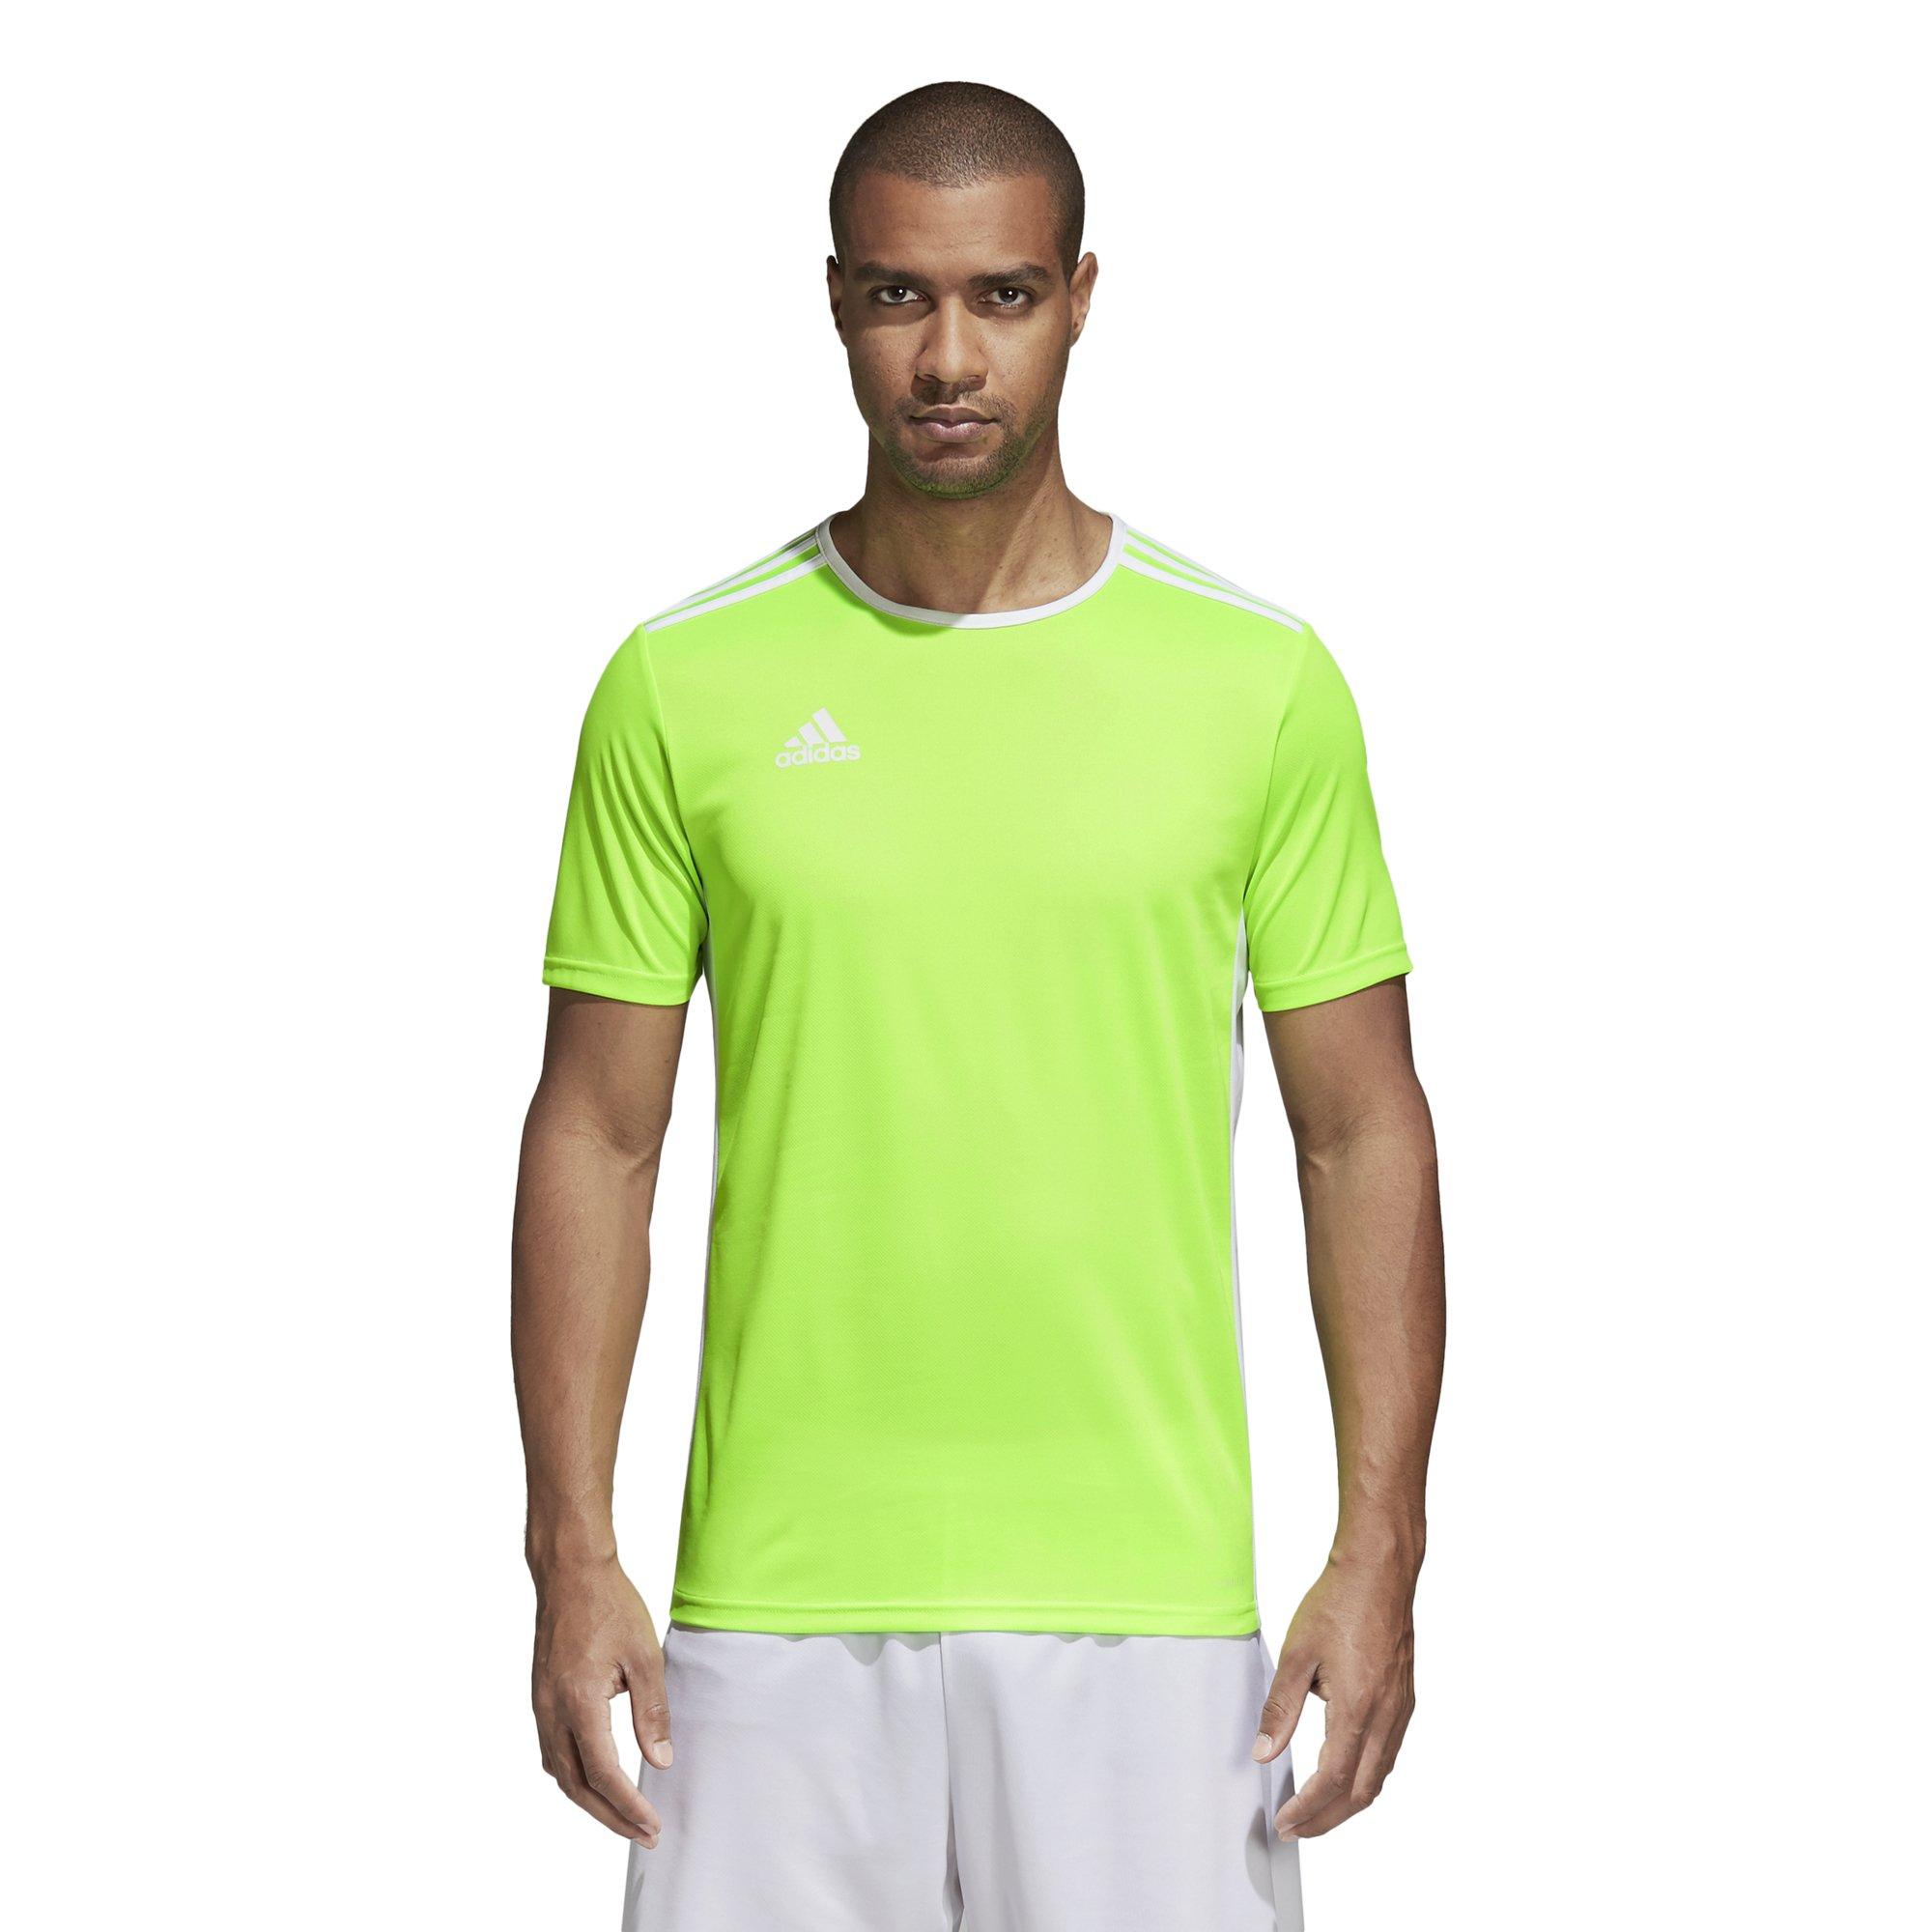 Galleon - Adidas Men s Soccer Entrada 18 Jersey 0a18d63bb90da